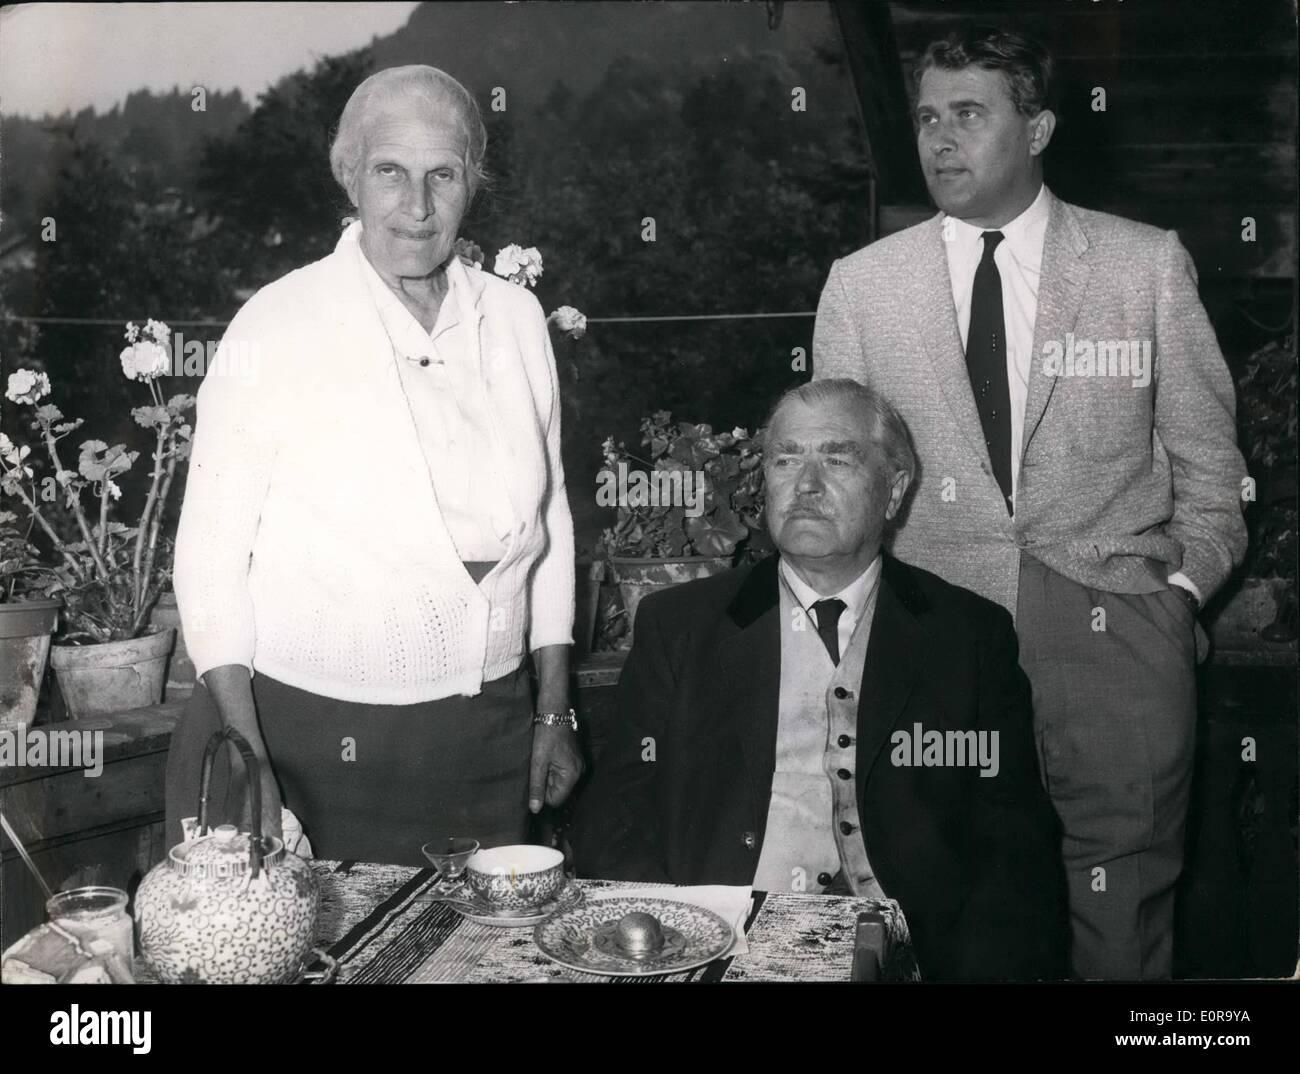 Sept. 09, 1958 - The Rocket Spezialist Wernher Von Braun: verbringt einige Tage der Erholung mit seinen Eltern in Stockfoto